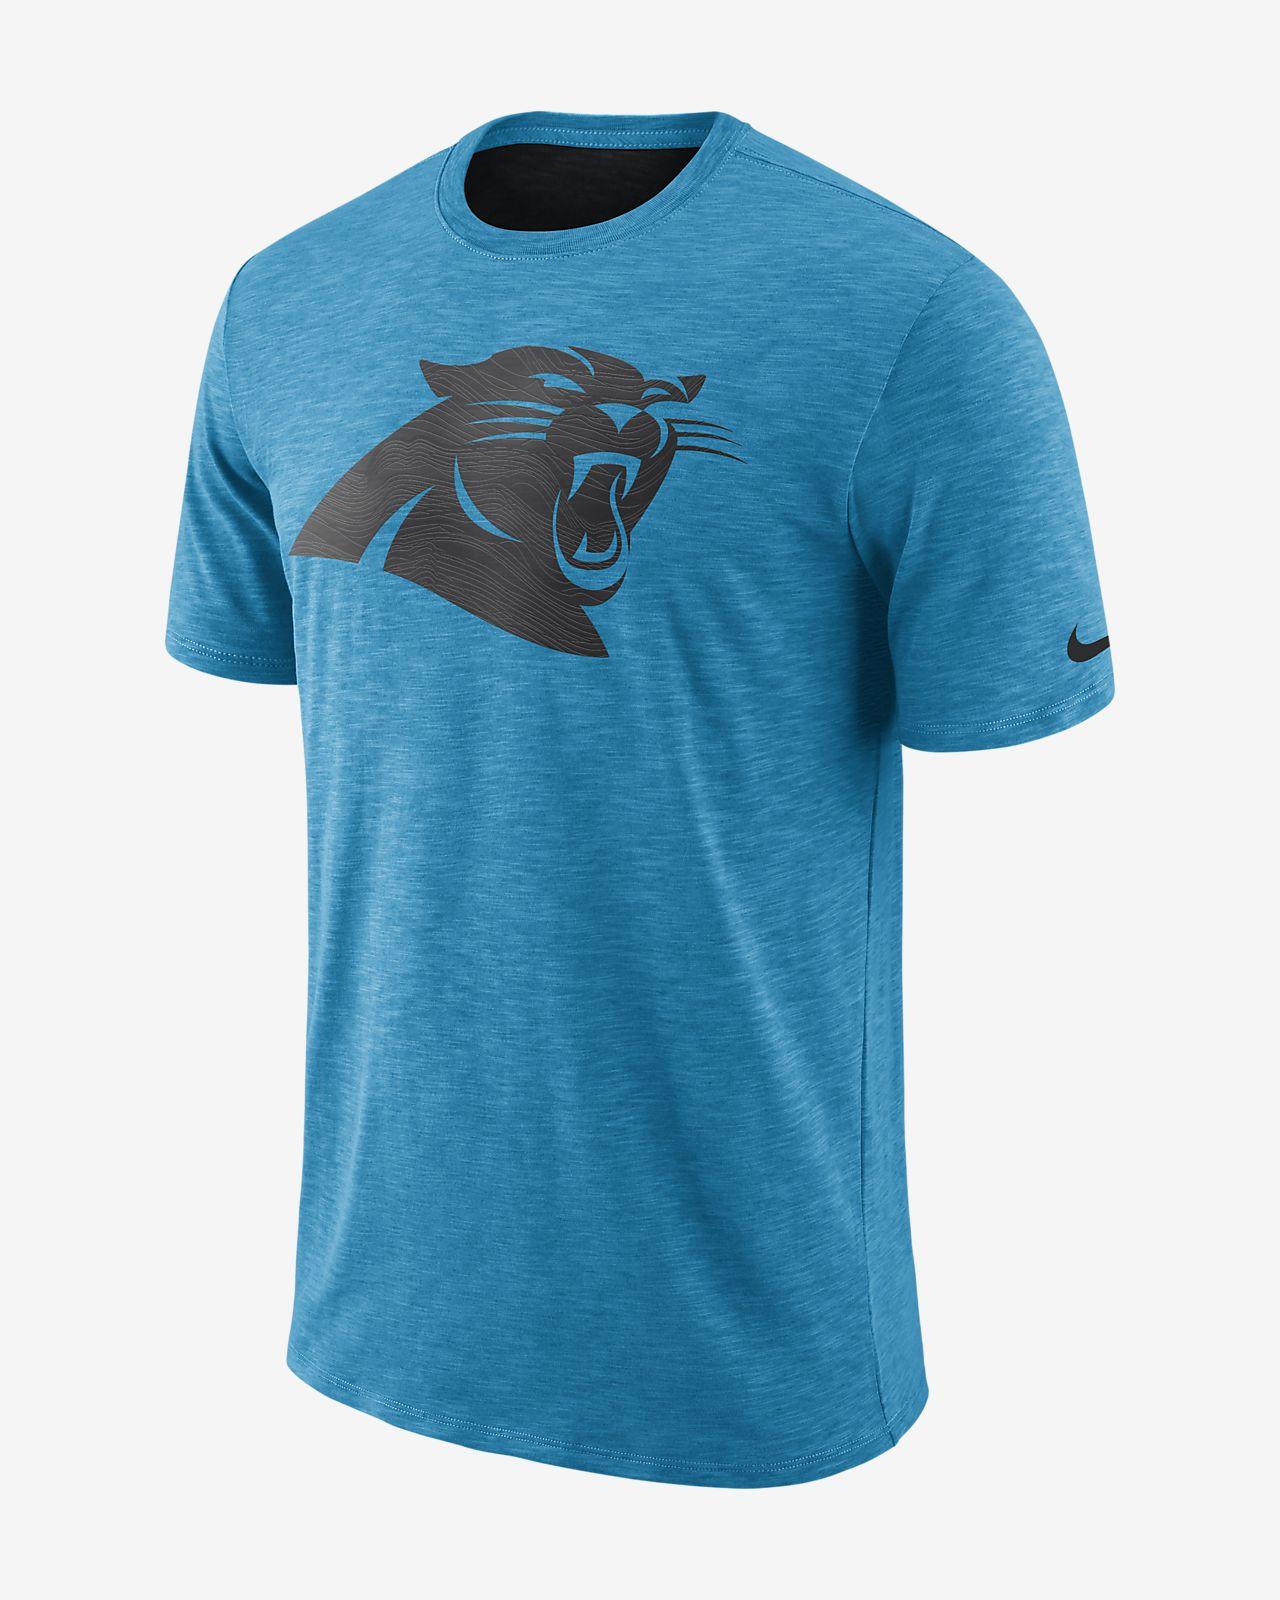 b59364d0 Nike Dri-FIT Legend On-Field (NFL Panthers) Men's T-Shirt